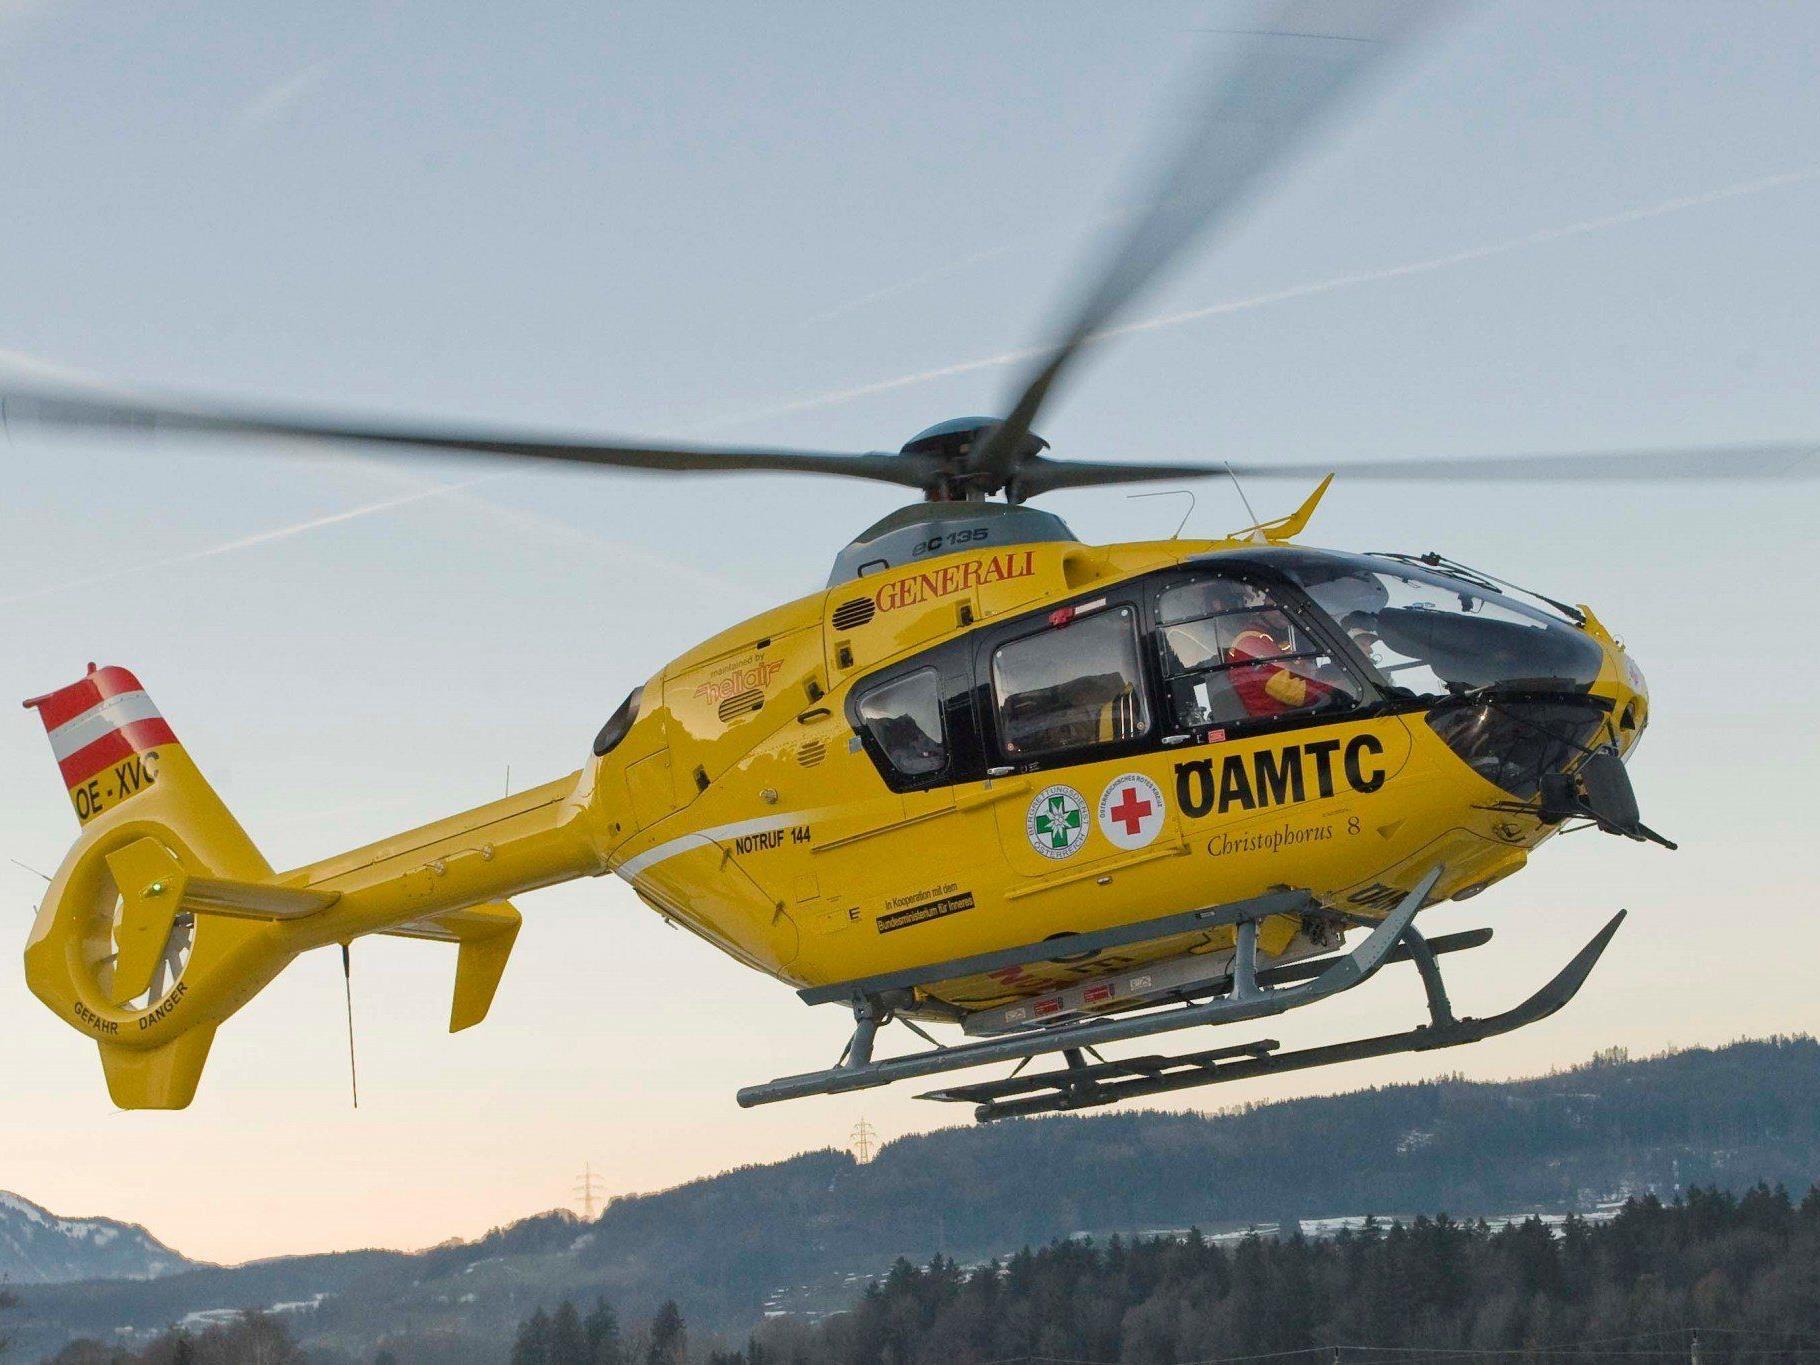 Schwerverletzt wurde ein 58-Jähriger per Hubschrauber ins Lkh Feldkirch gebracht.